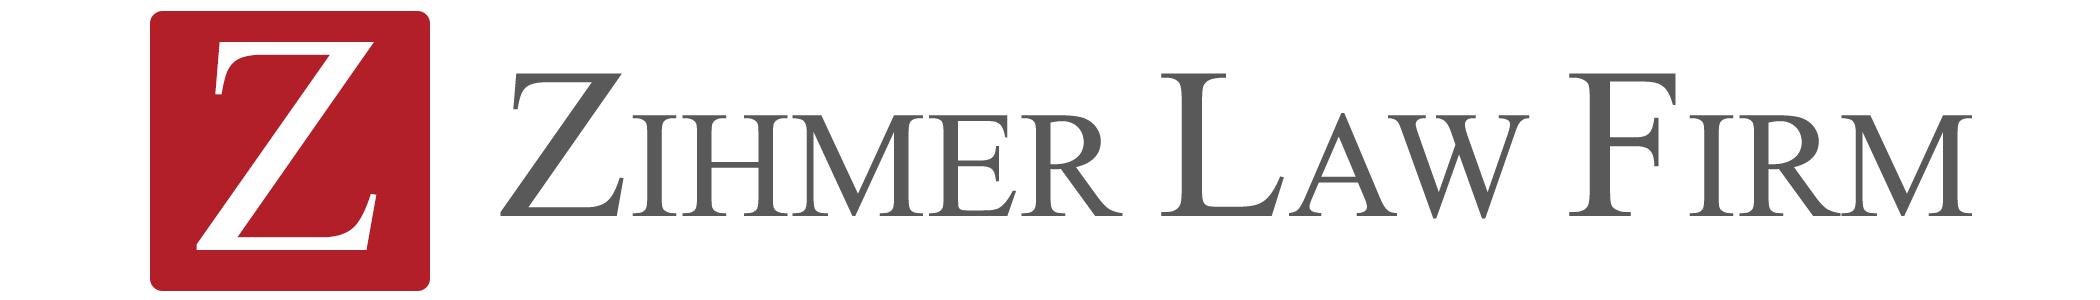 Zihmer Law Firm, LLC